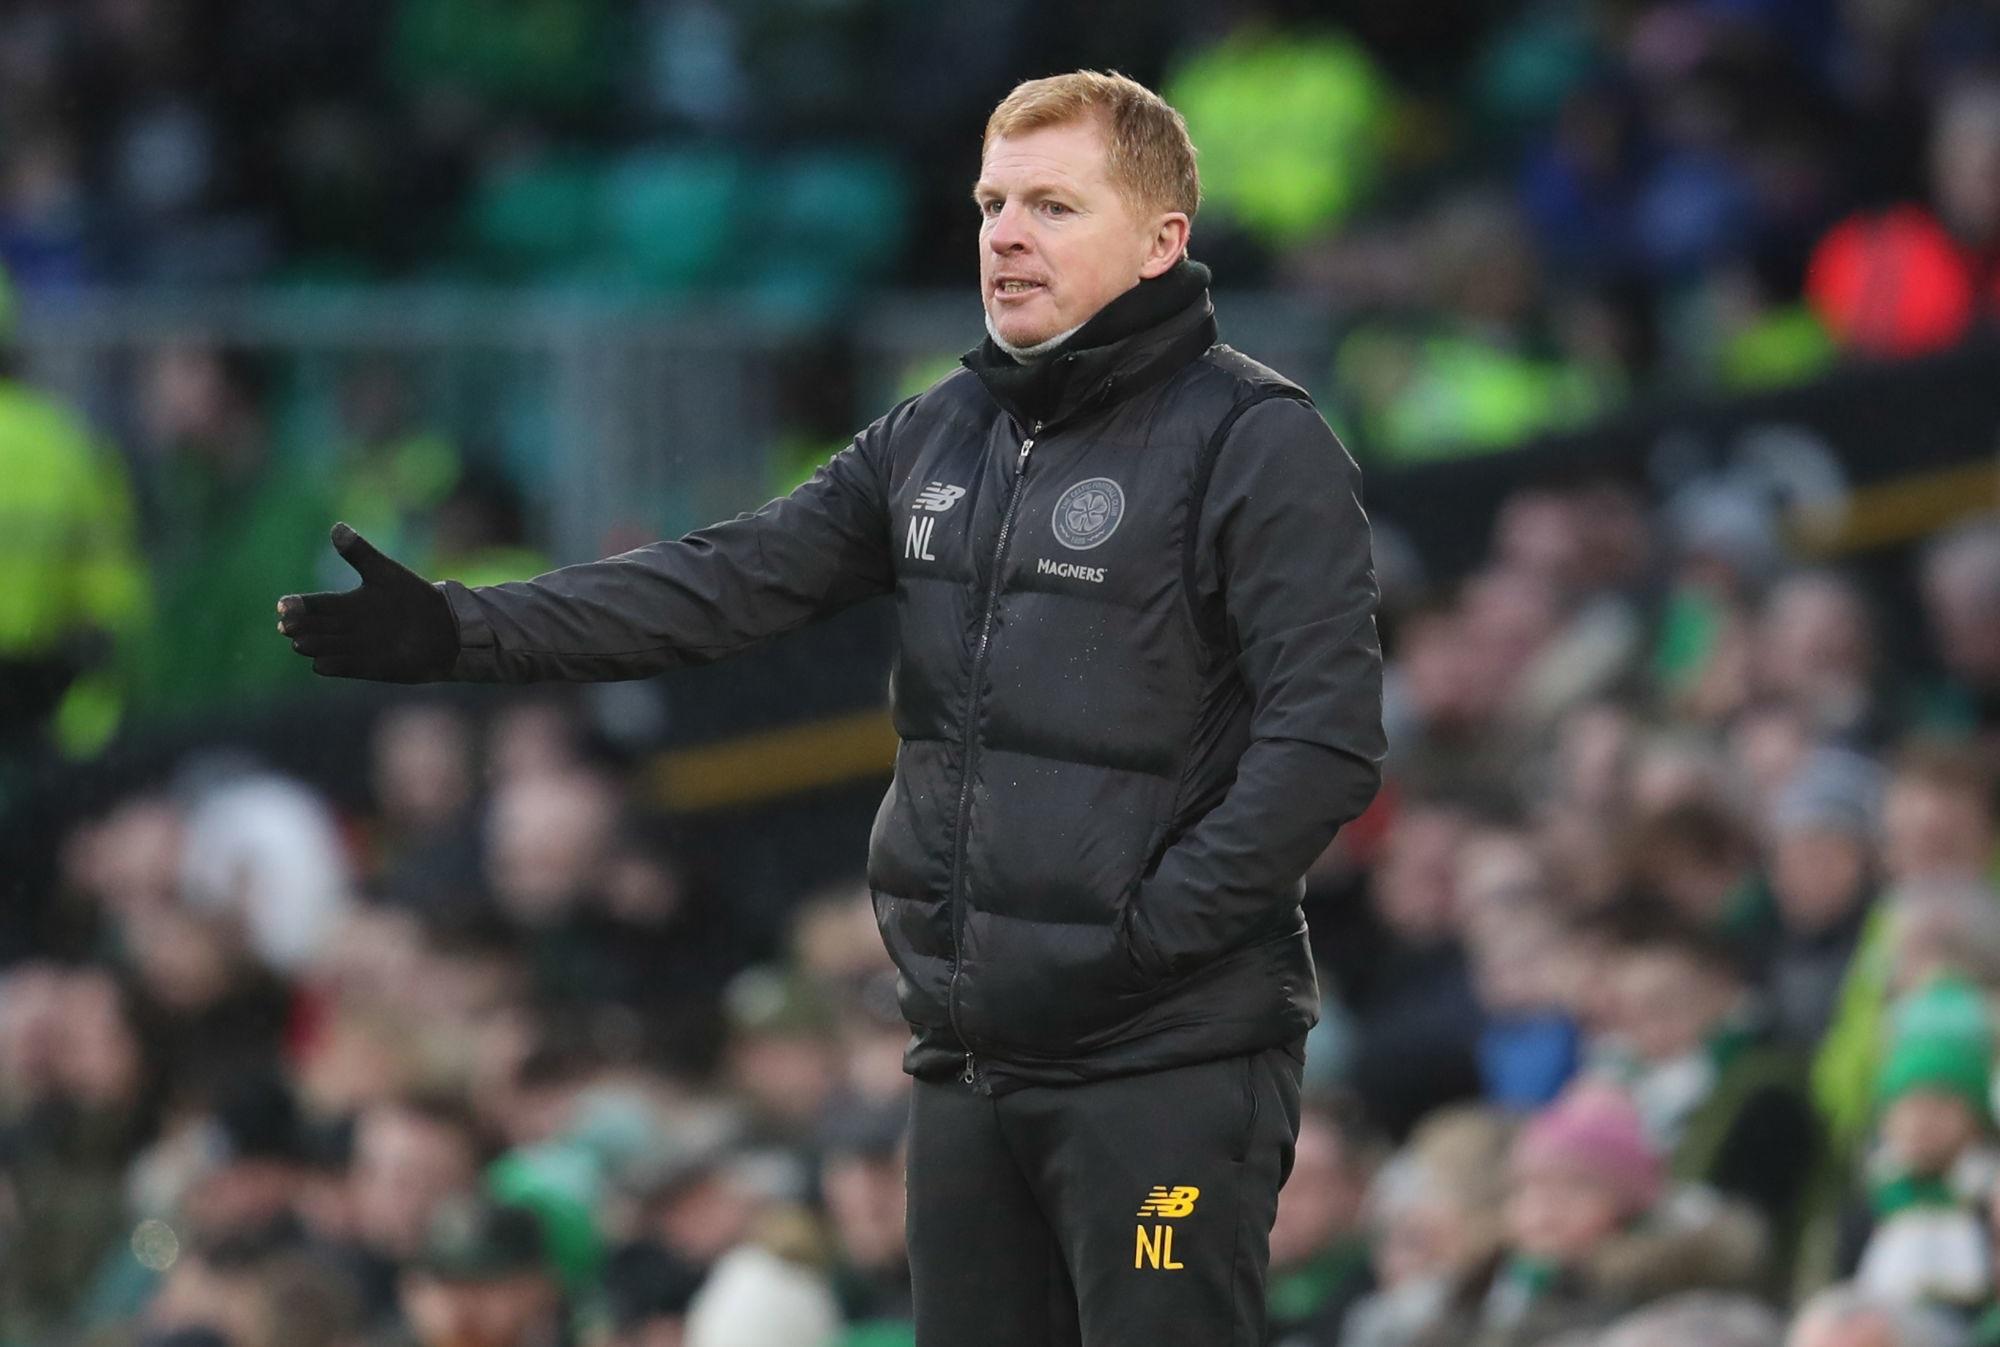 Un match amical entre le PSG et le Celtic, le club écossais confirme que c'est possible